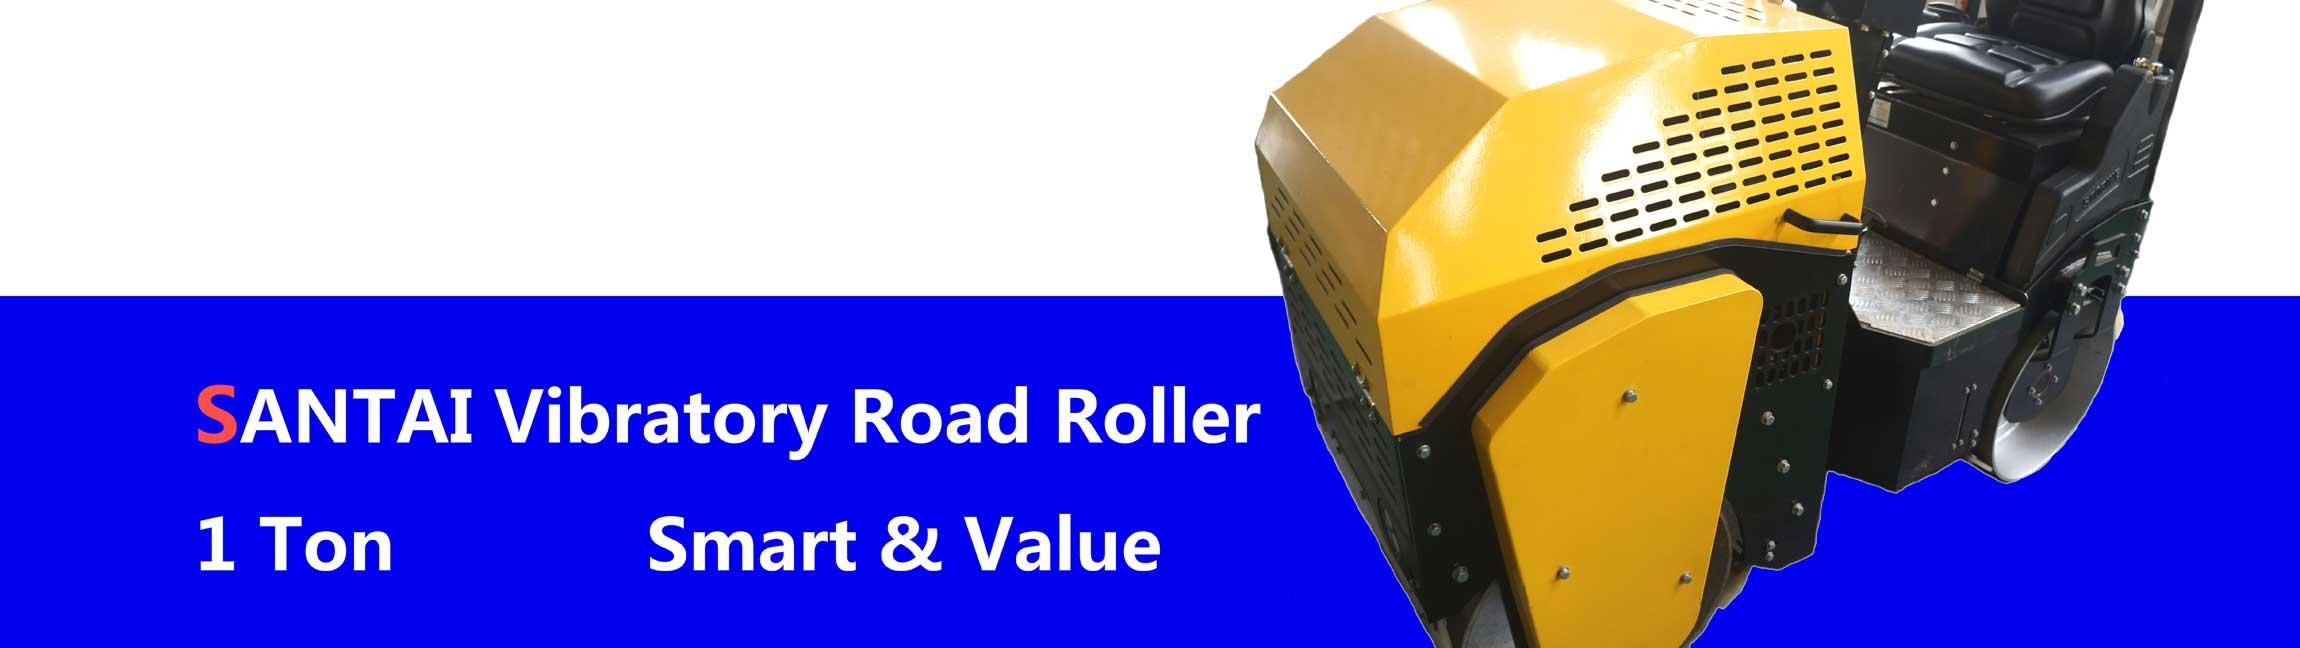 santai vibratory road rollers